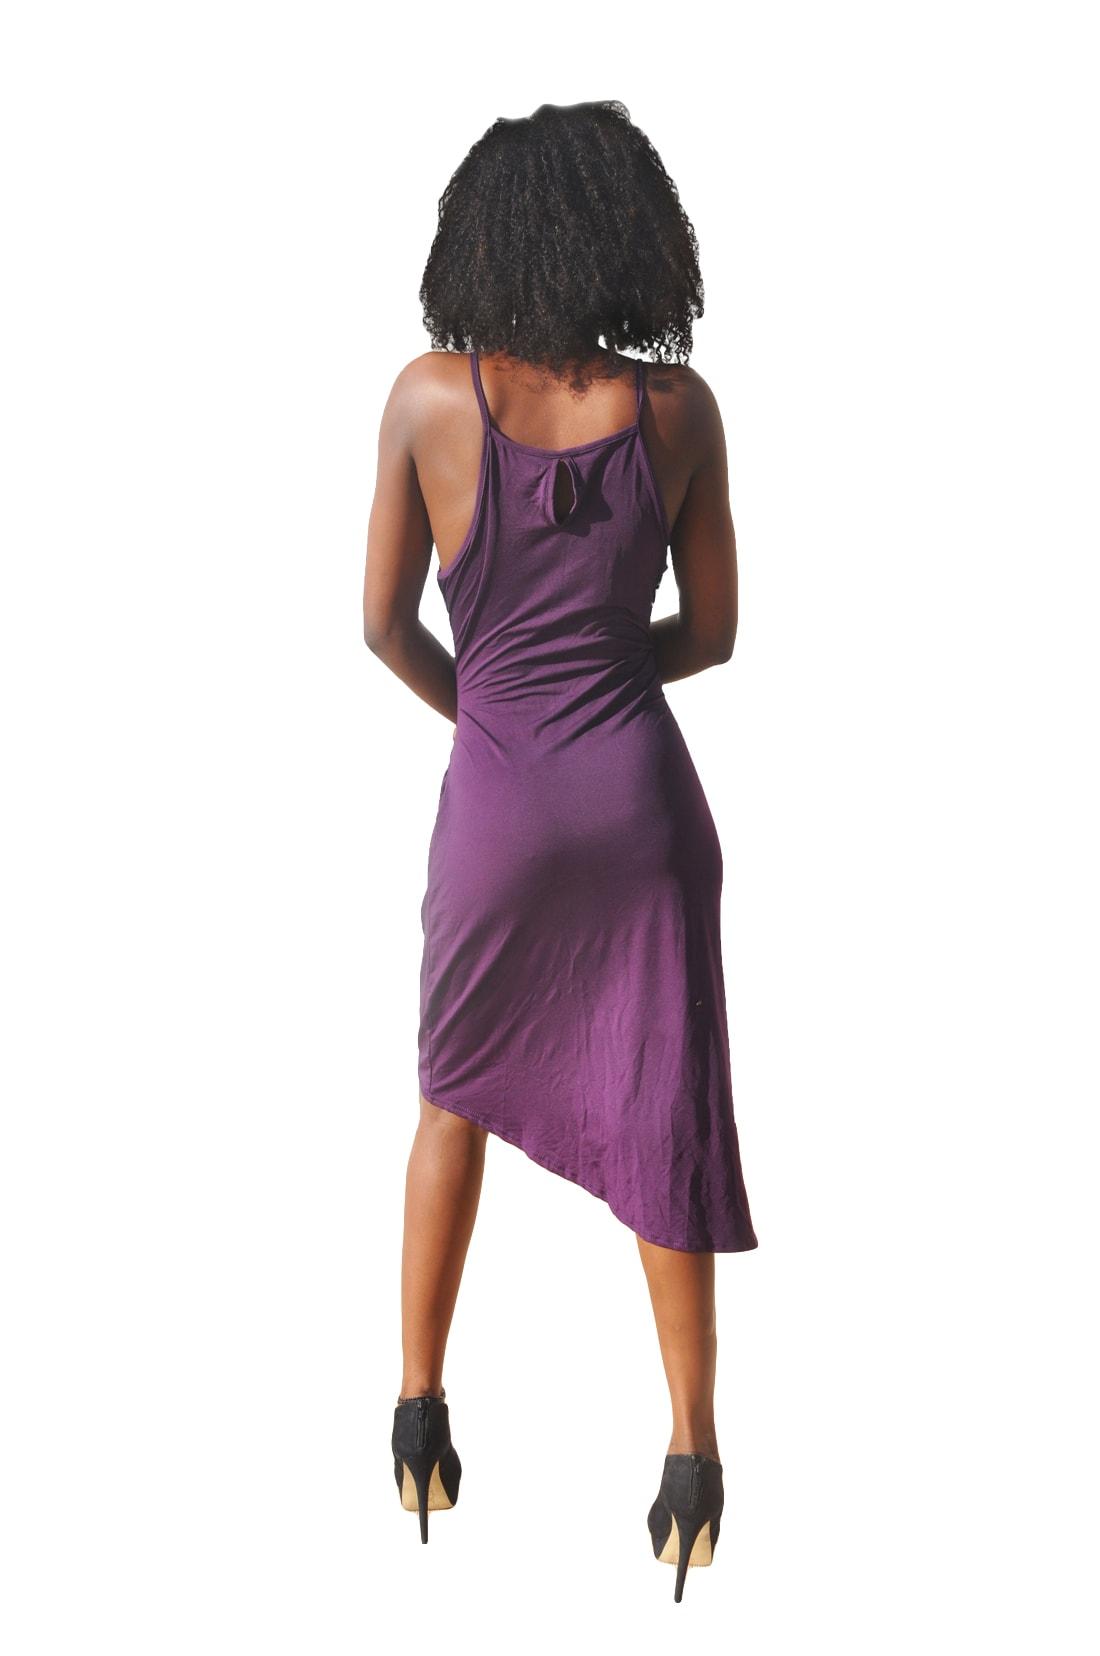 M0246 purple3 High Low Dresses maureens.com boutique